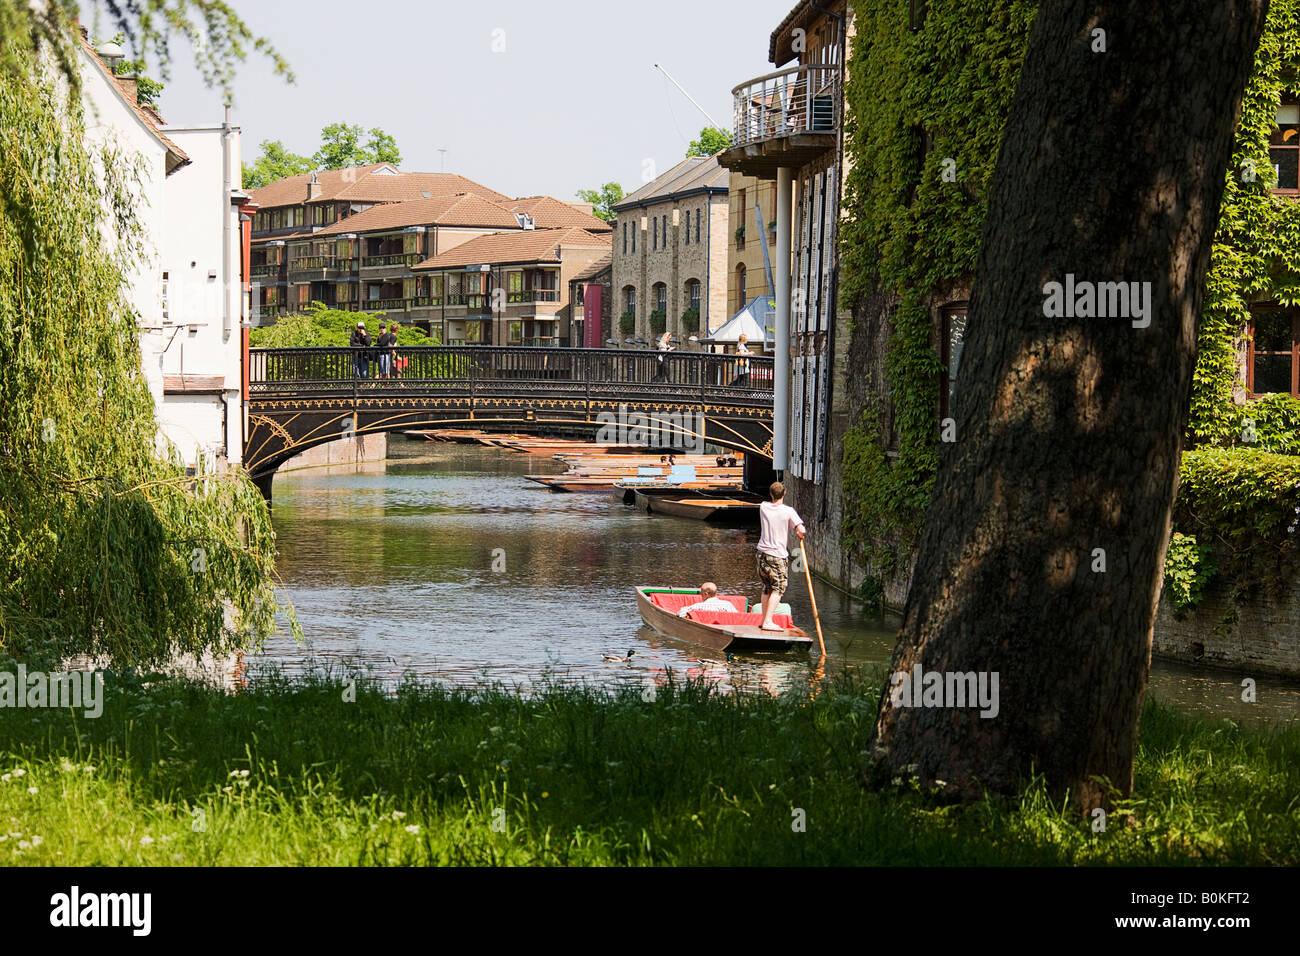 magdelene  bridge from St John's. Cambridge. - Stock Image